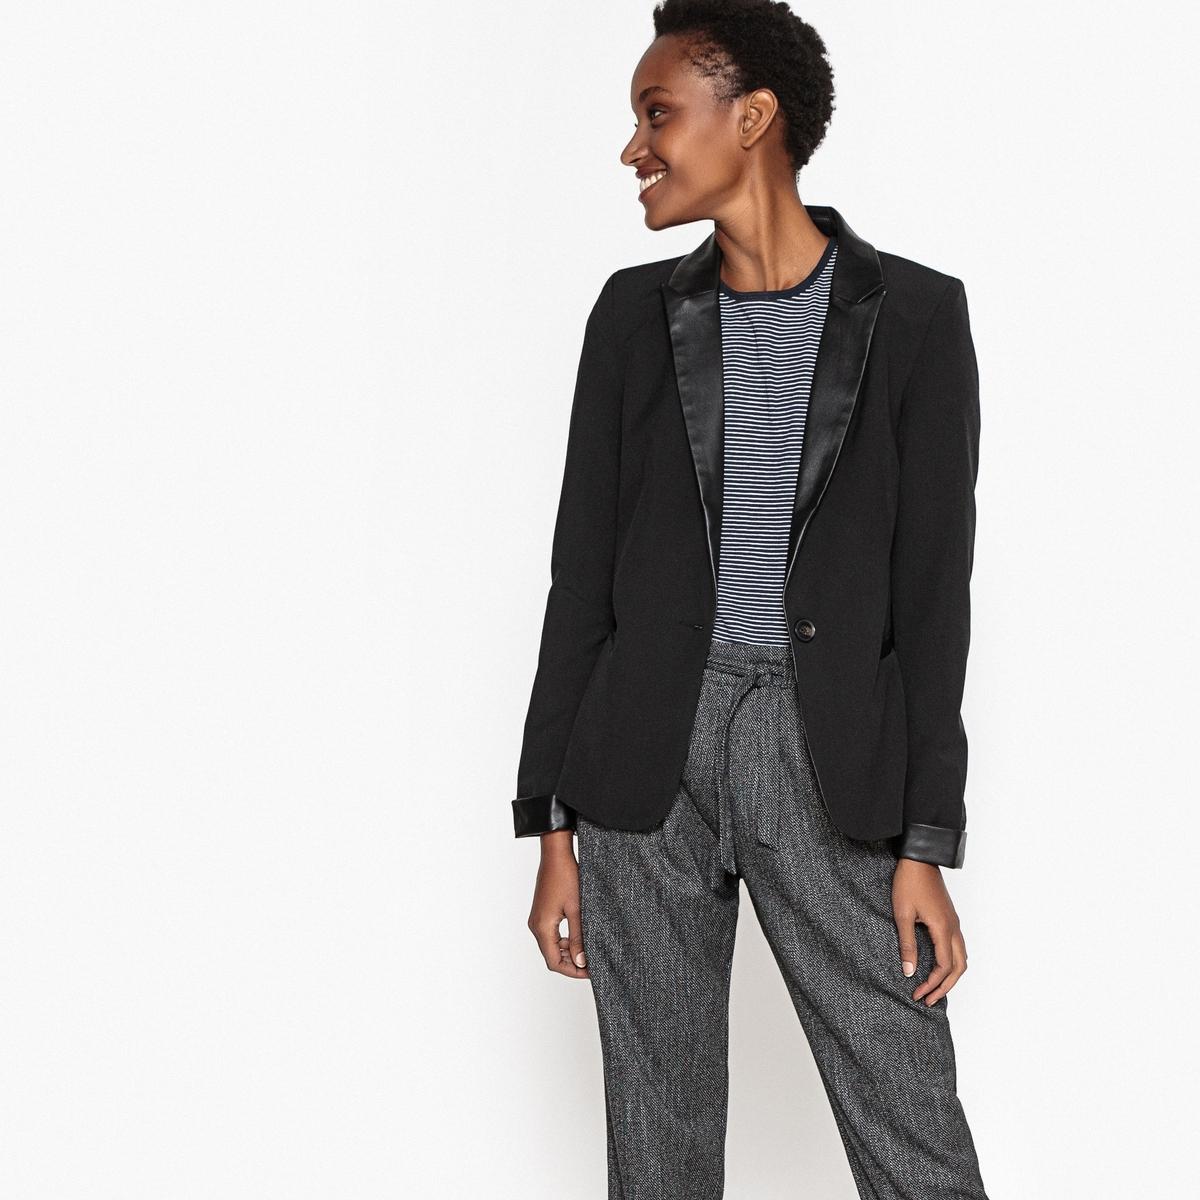 Куртка-блейзер приталеннаяДетали •  Блейзер •  Приталенный покрой   •  Воротник-поло, рубашечный Состав и уход •  19% вискозы, 4% эластана, 77% полиэстера •  Следуйте рекомендациям по уходу, указанным на этикетке изделия<br><br>Цвет: черный<br>Размер: M